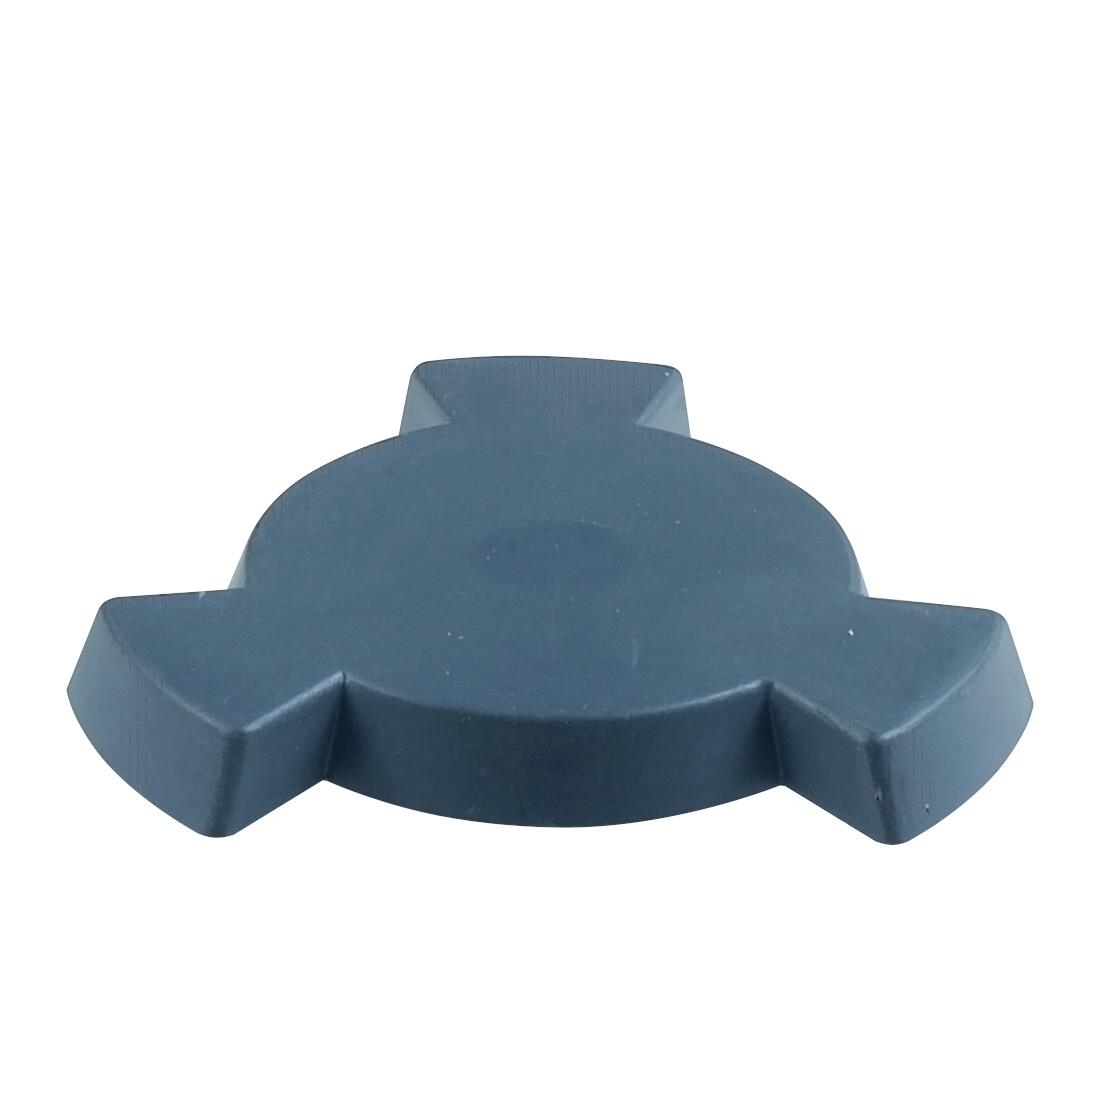 Куплер вращения тарелки для микроволновой печи Whirlpool H20